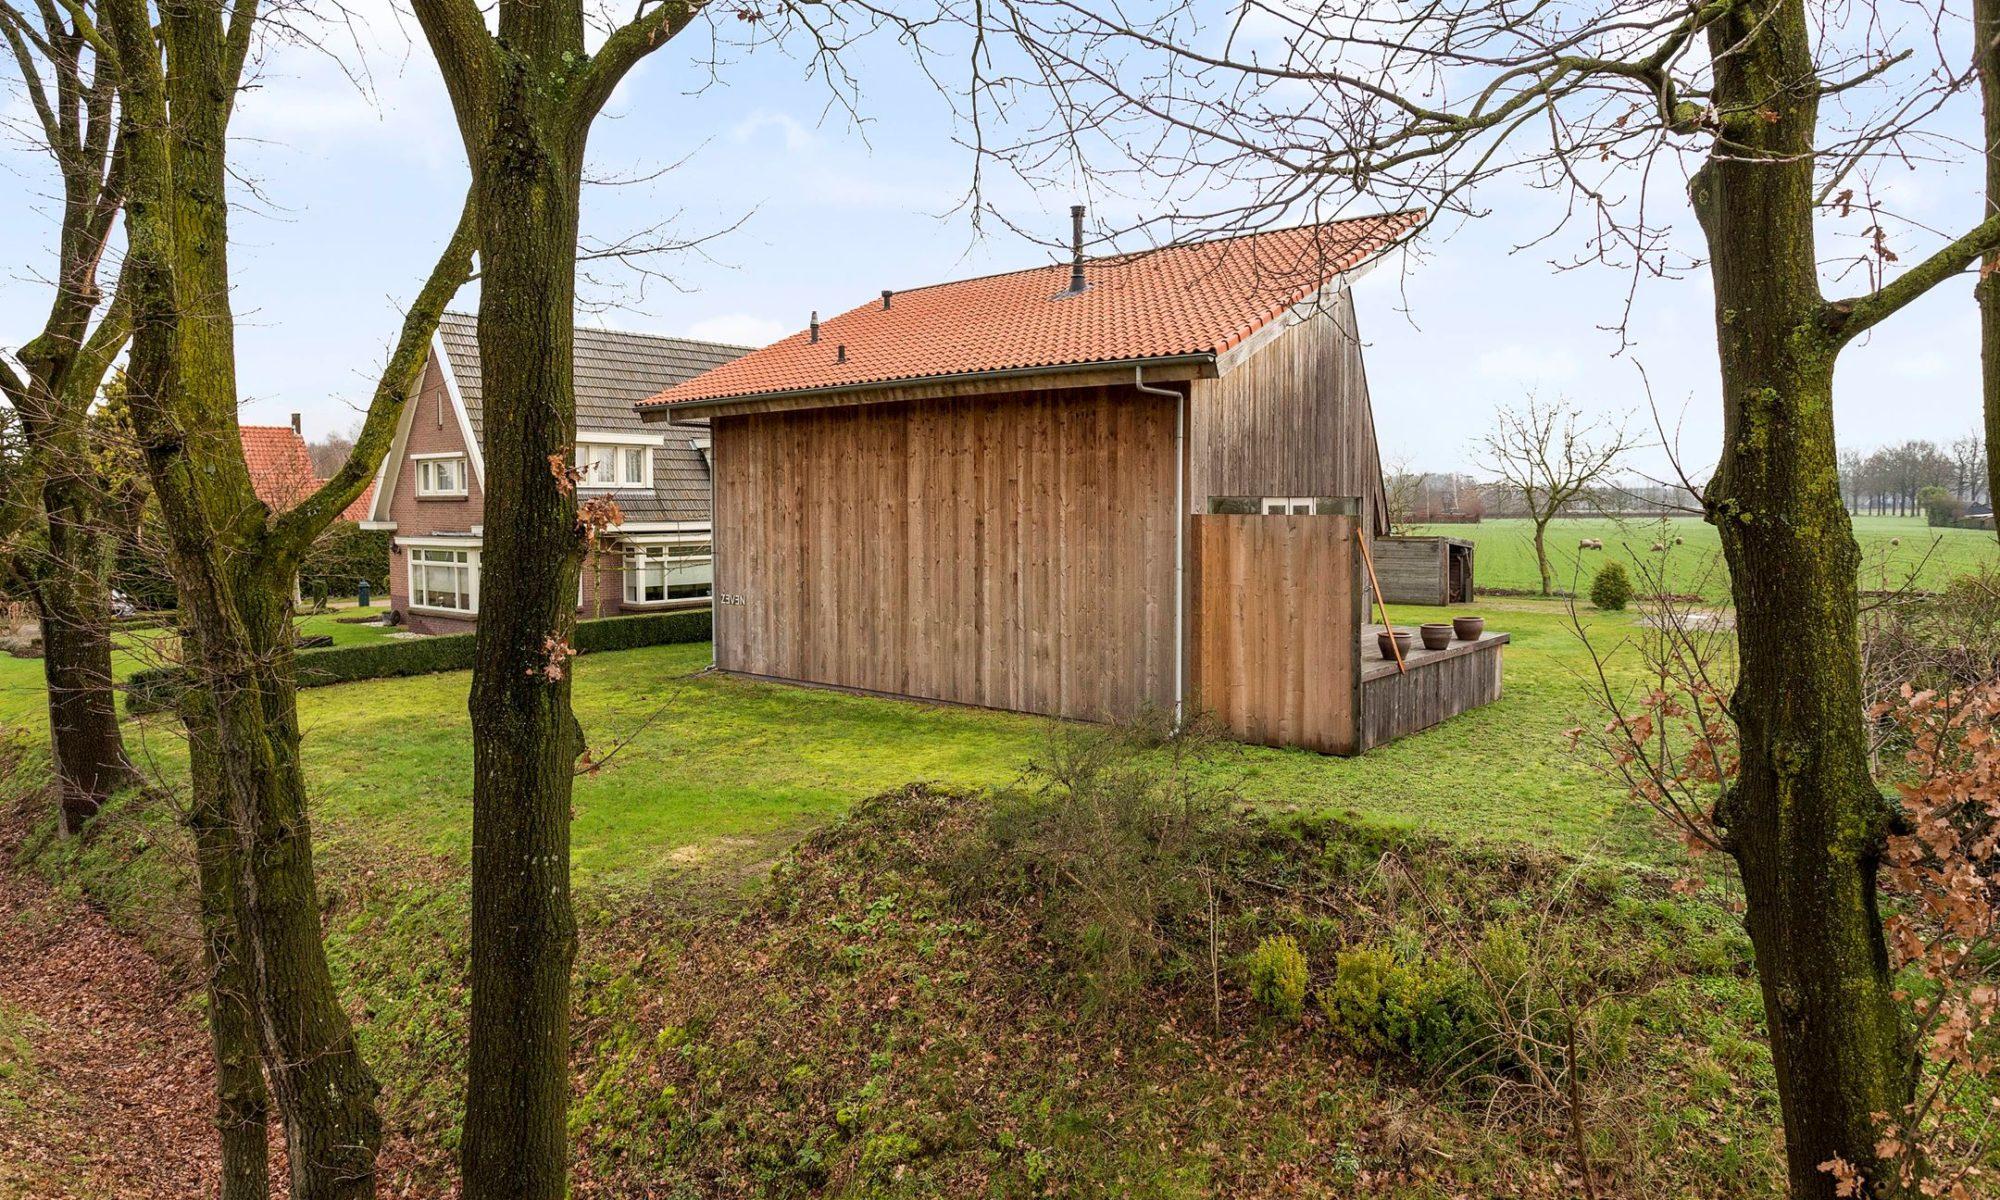 houten huis, achterhoek, giesen architectuur & partners, doetinchem, zelfbouw, modern, design, duurzaam, ecologisch, ecologische, biobased, organisch, passiefhuis, tiny house, tiny plus, woning, platteland, schuurwoning, schuur